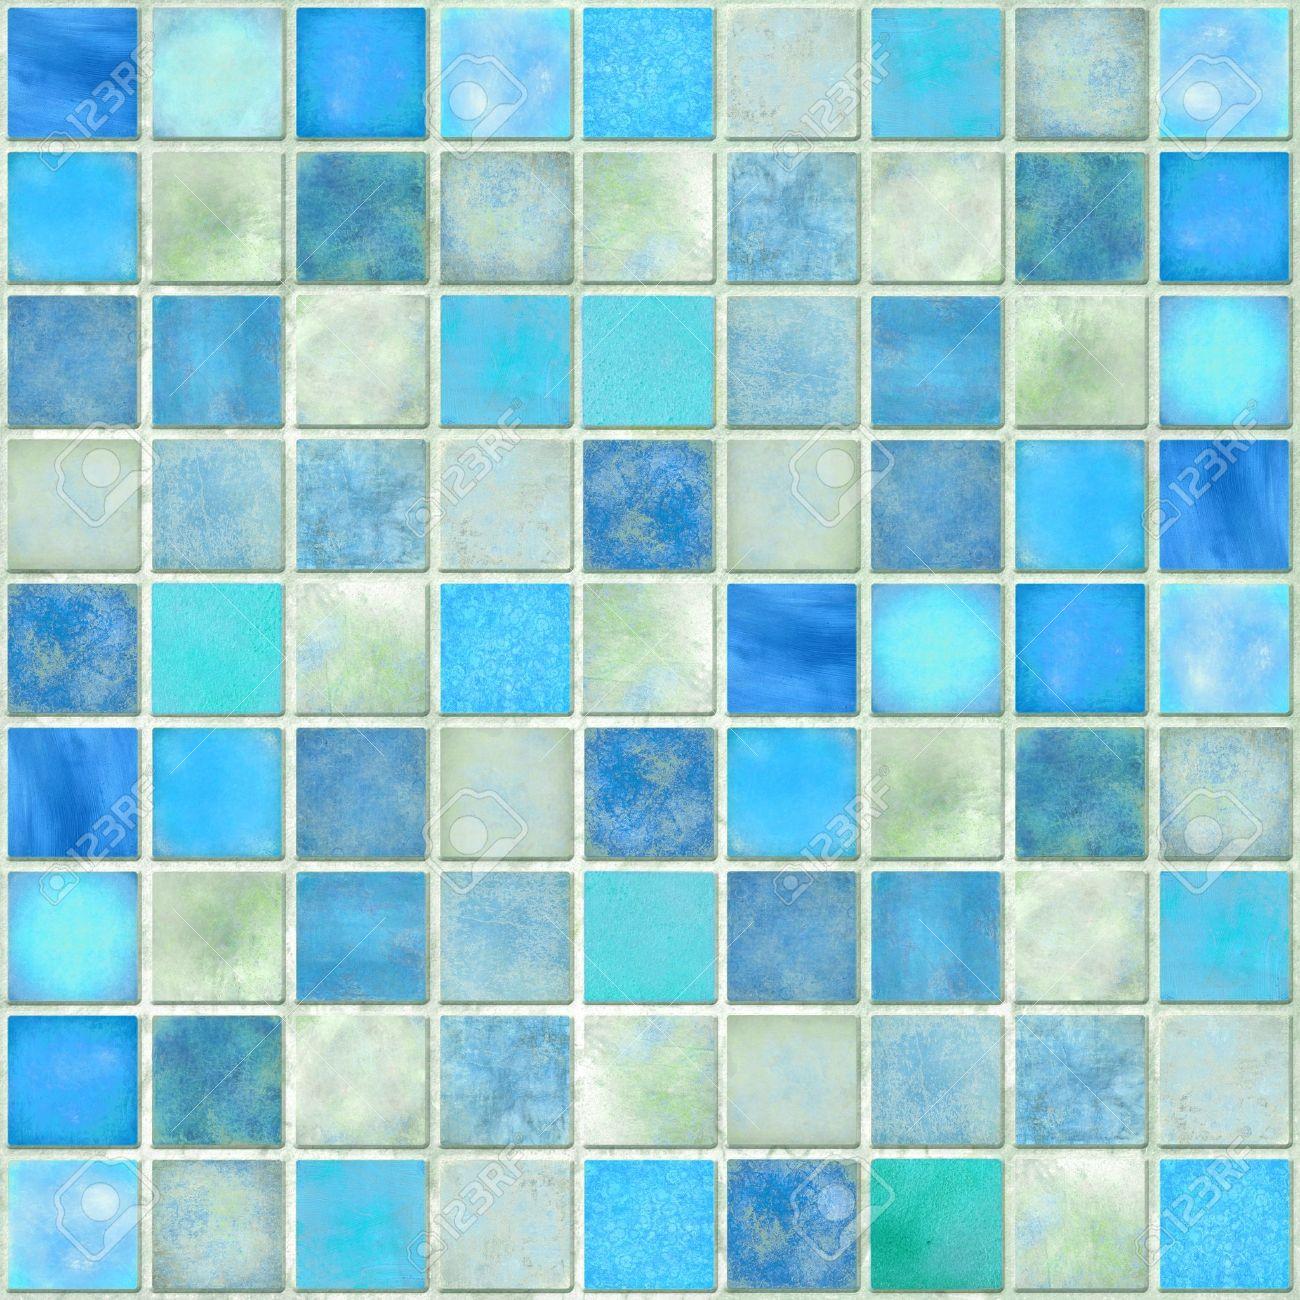 bathroom tiles background. Image Of A Blue Tile Mosaic Background Stock Photo - 8849172 Bathroom Tiles